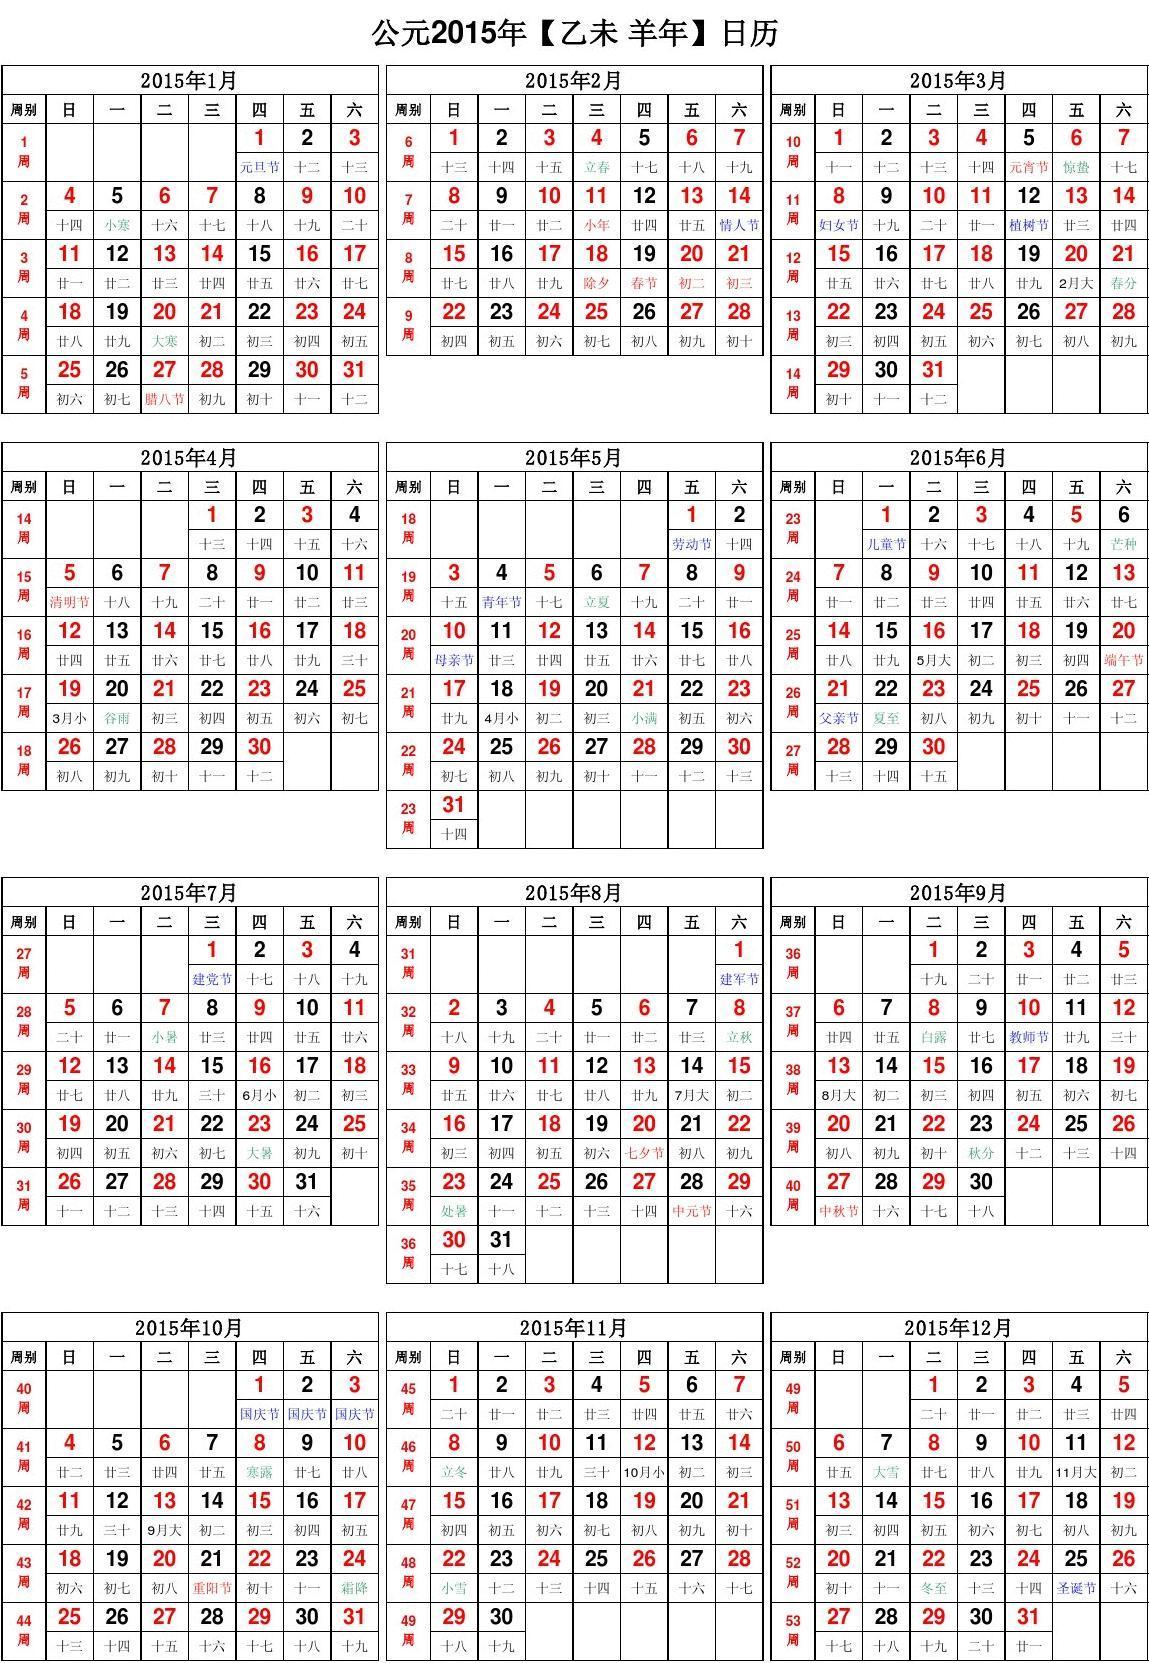 2015年日历表(带周数_A4打印版)